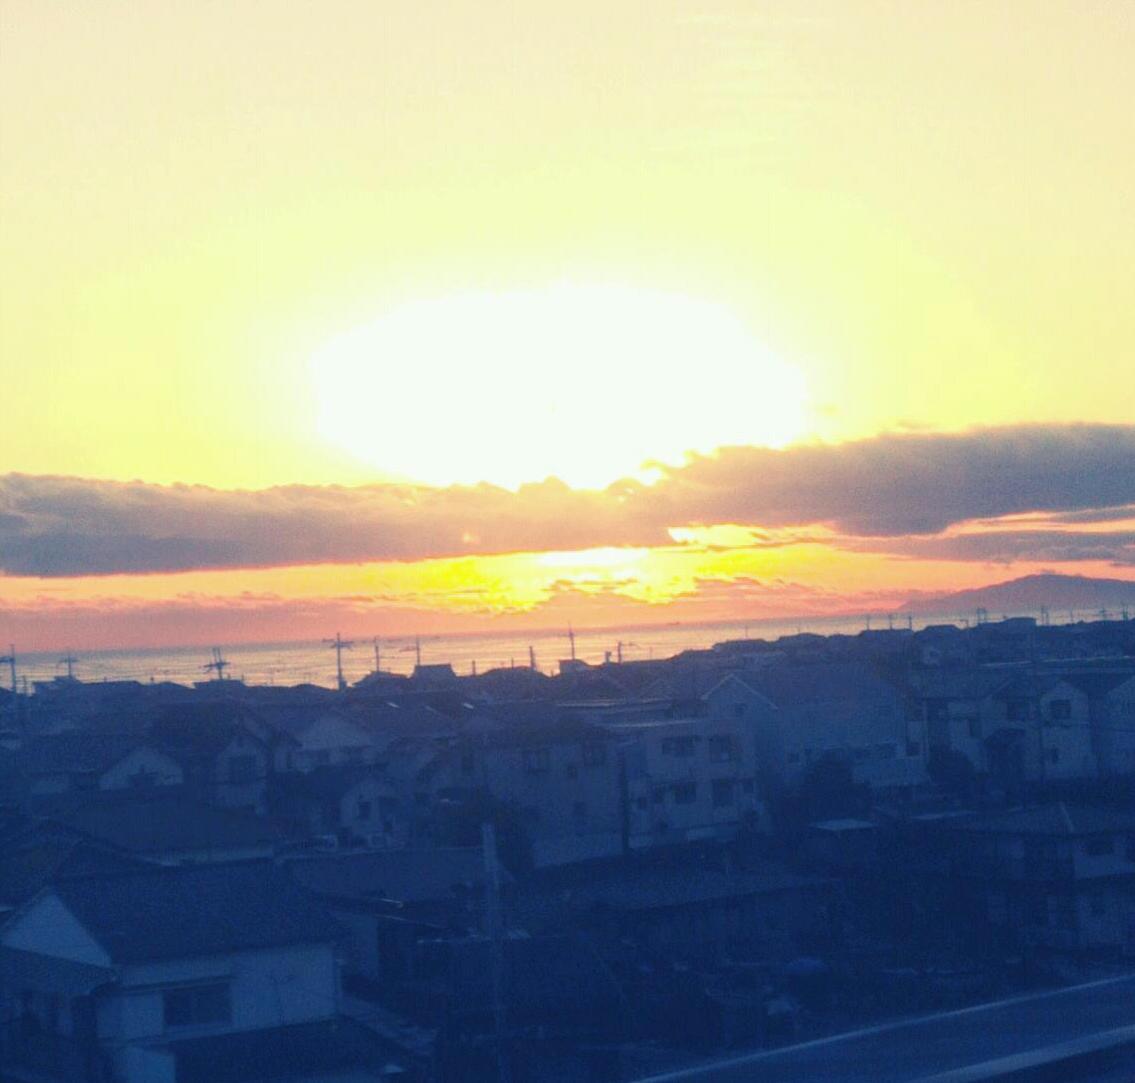 神戸の夕日が美しい!